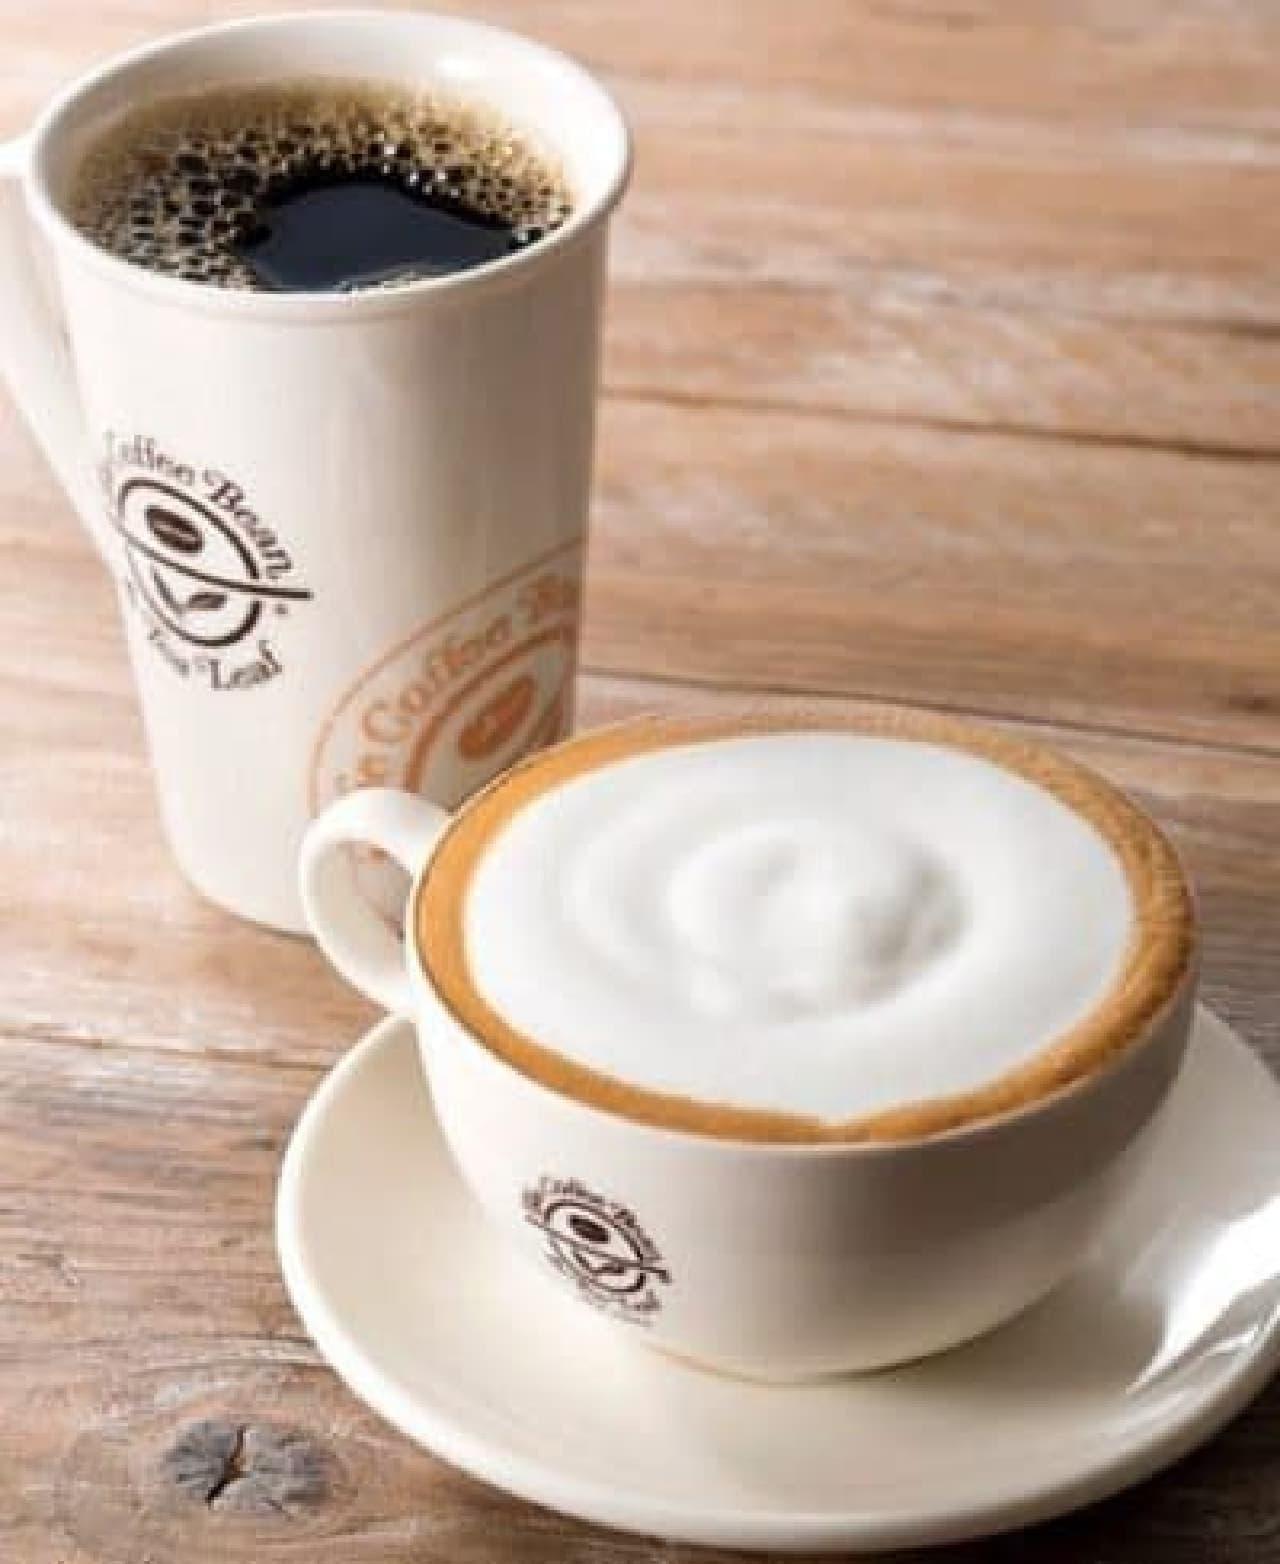 いよいよオープン日決定!コーヒービーン&ティーリーフ